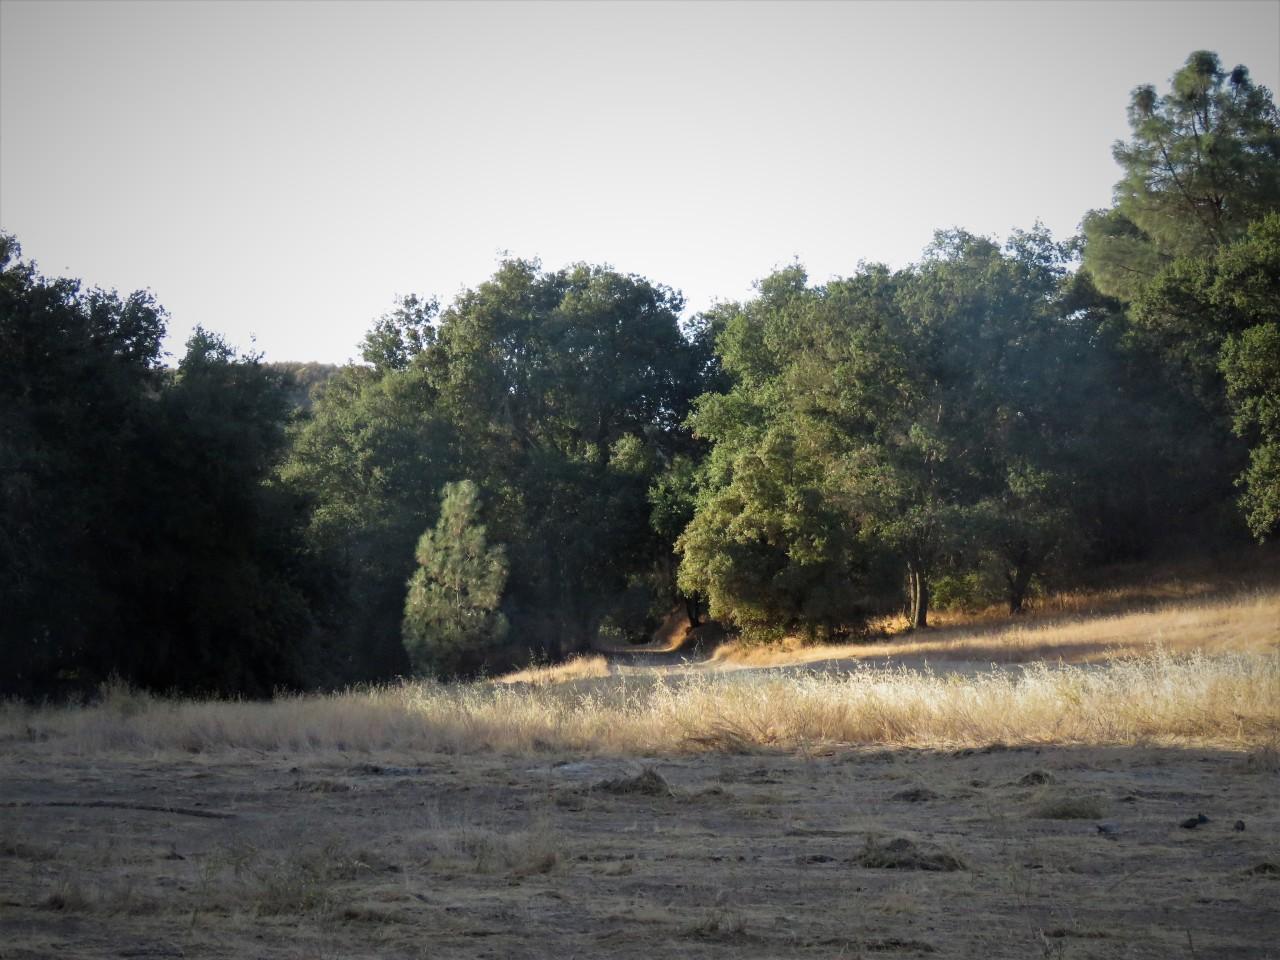 Field in sun